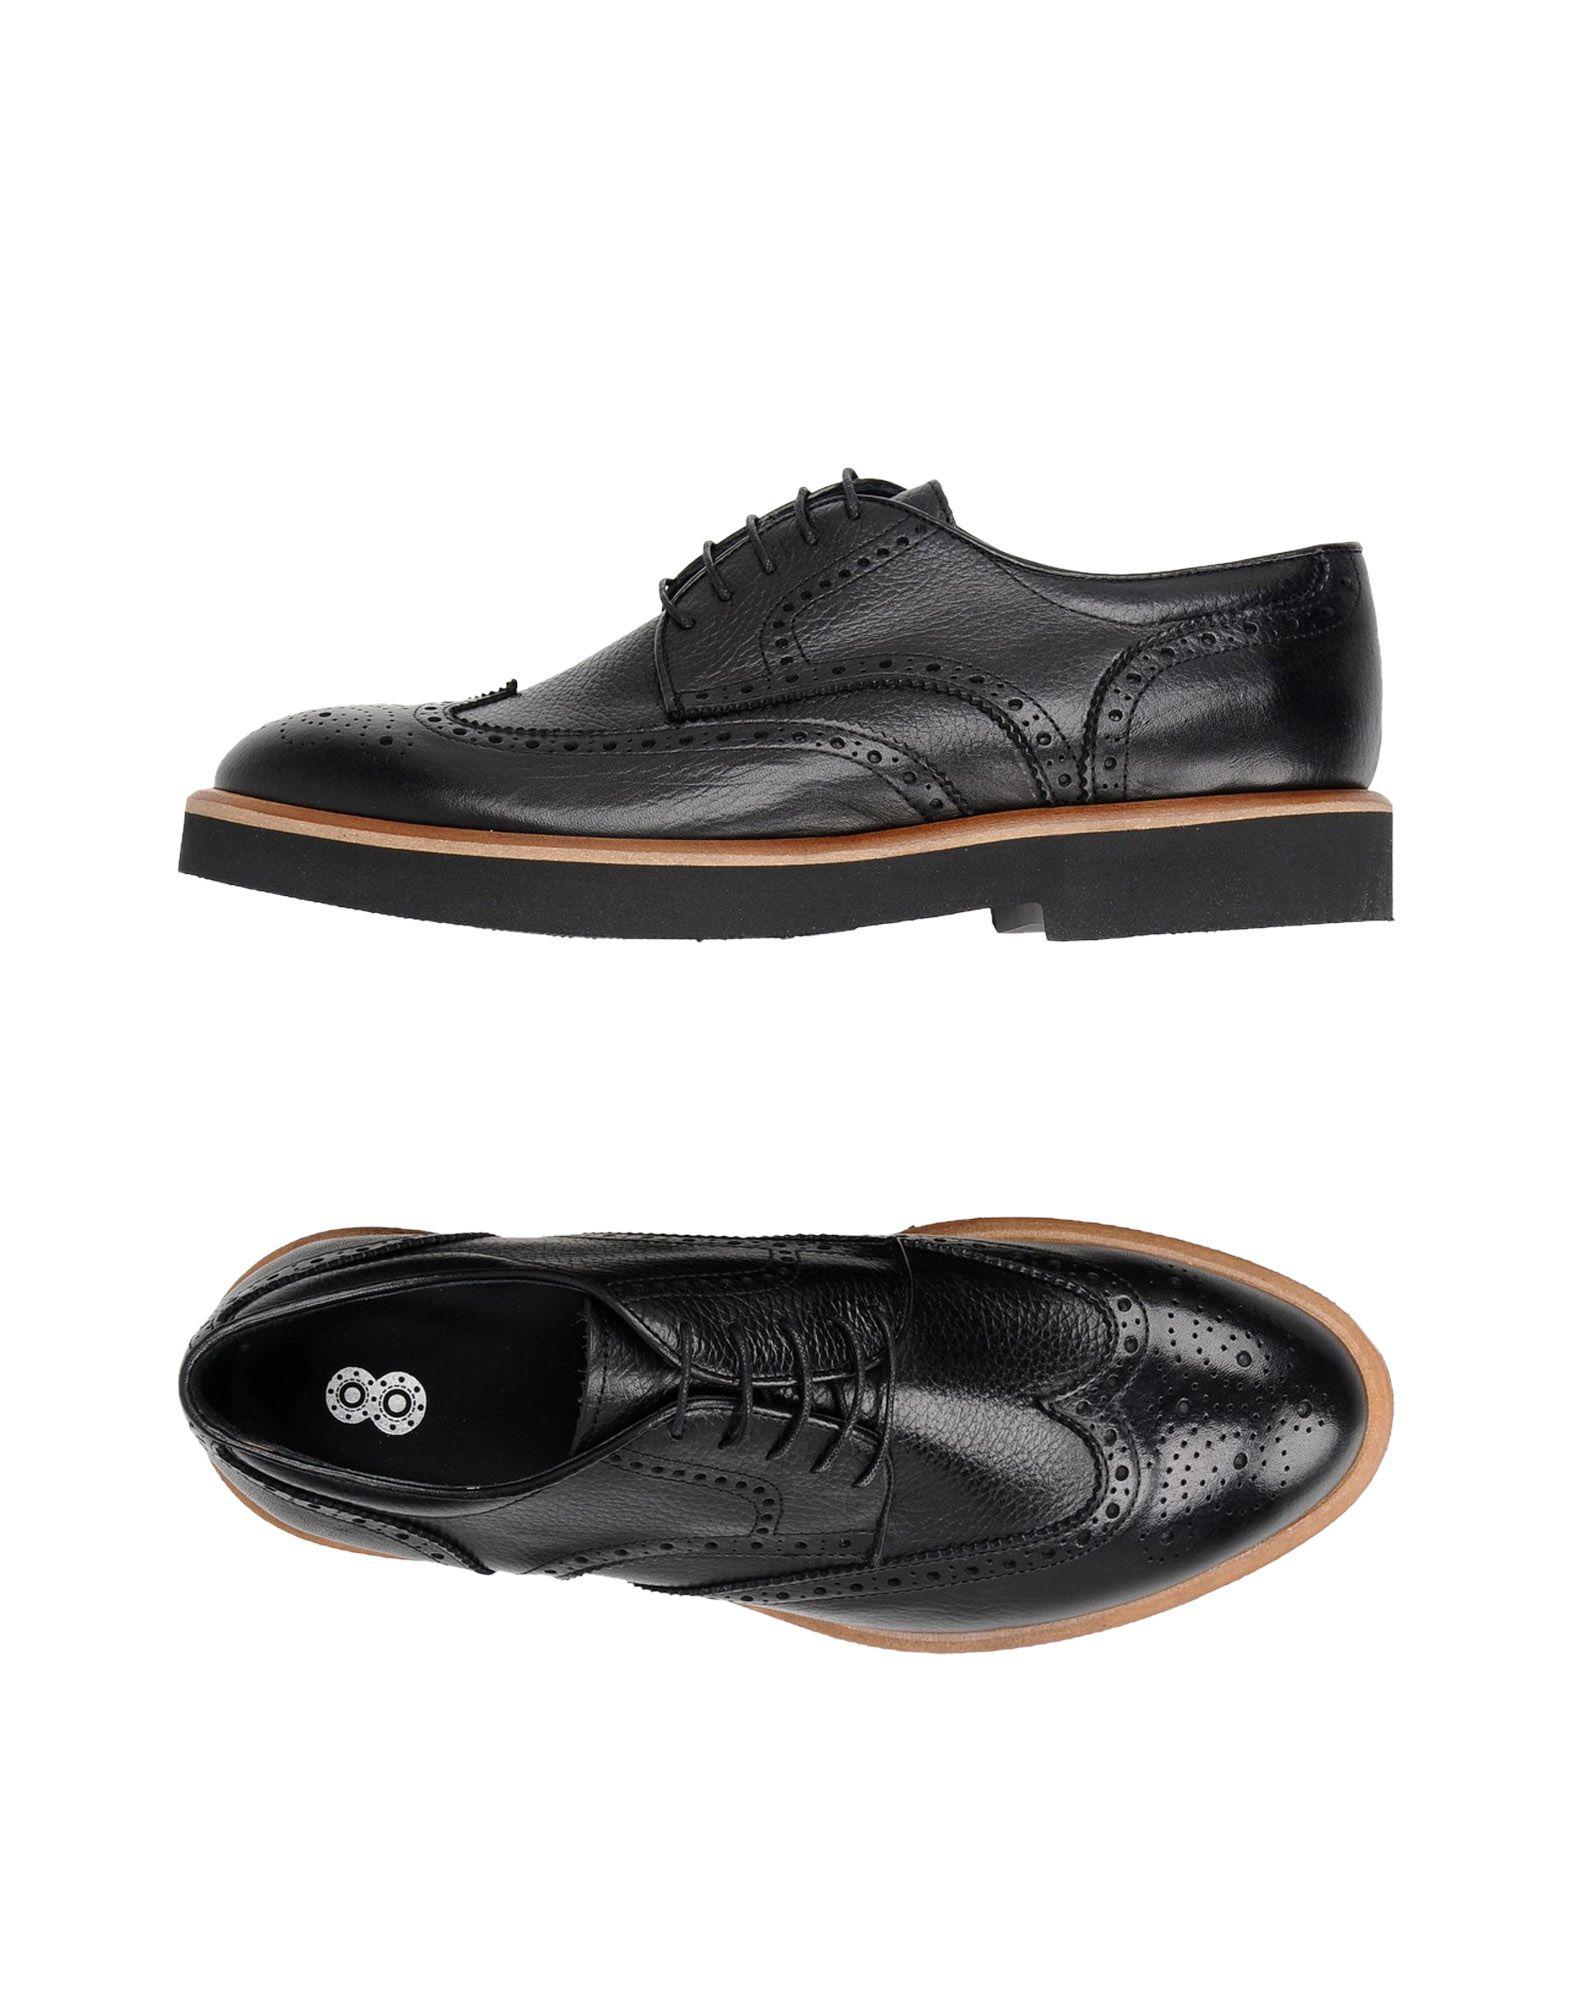 Haltbare Mode billige Schuhe 8 Schnürschuhe Herren  11426925SU Heiße Schuhe